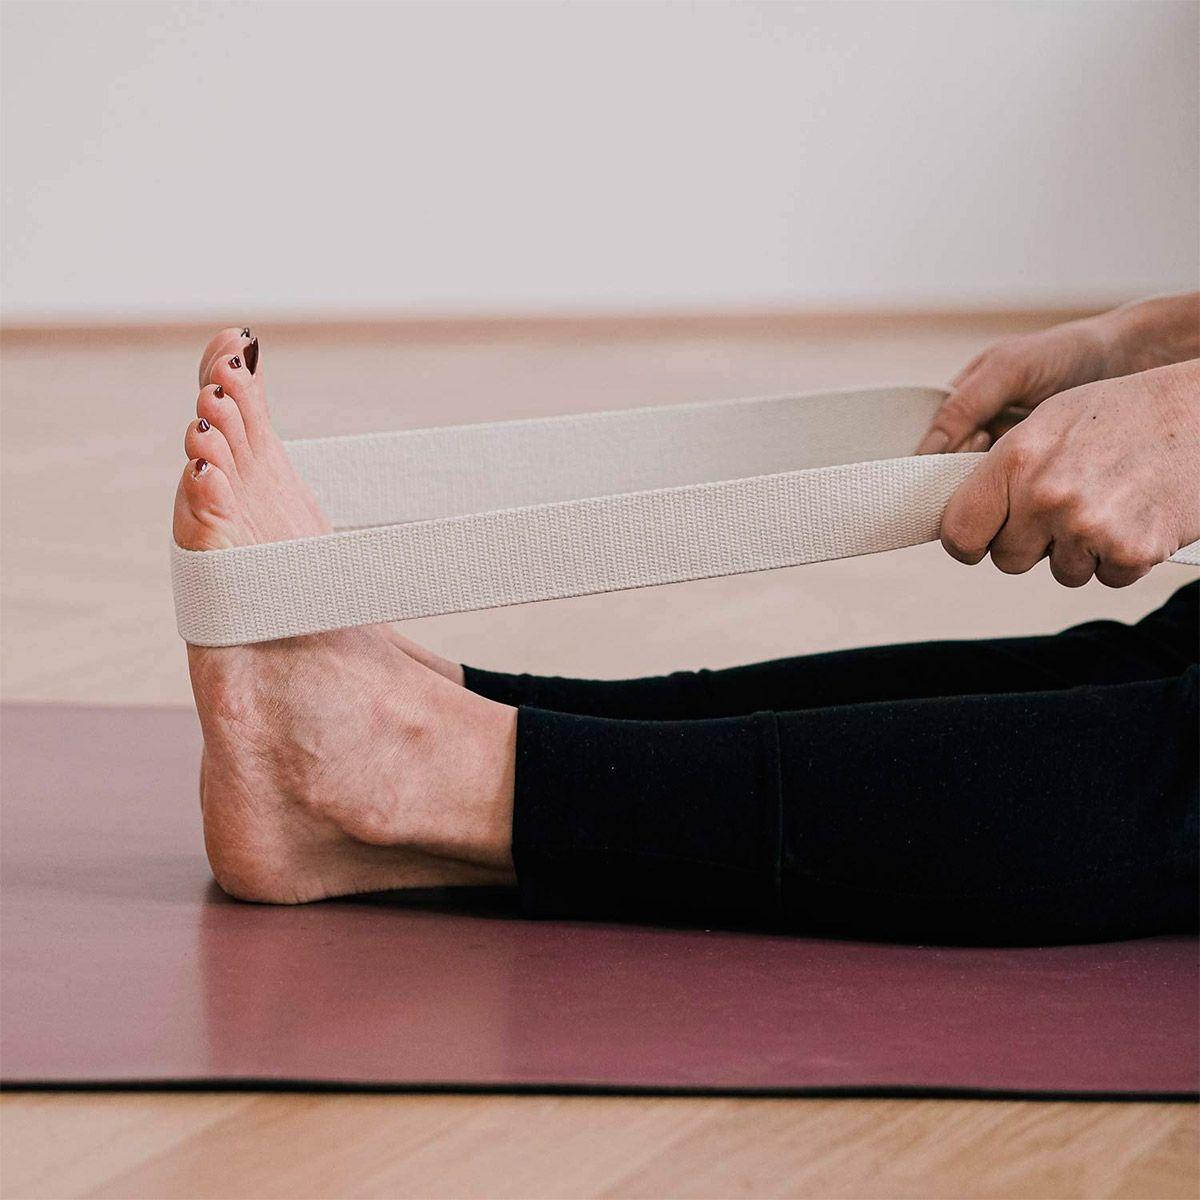 moda y accesorios de yoga - correas